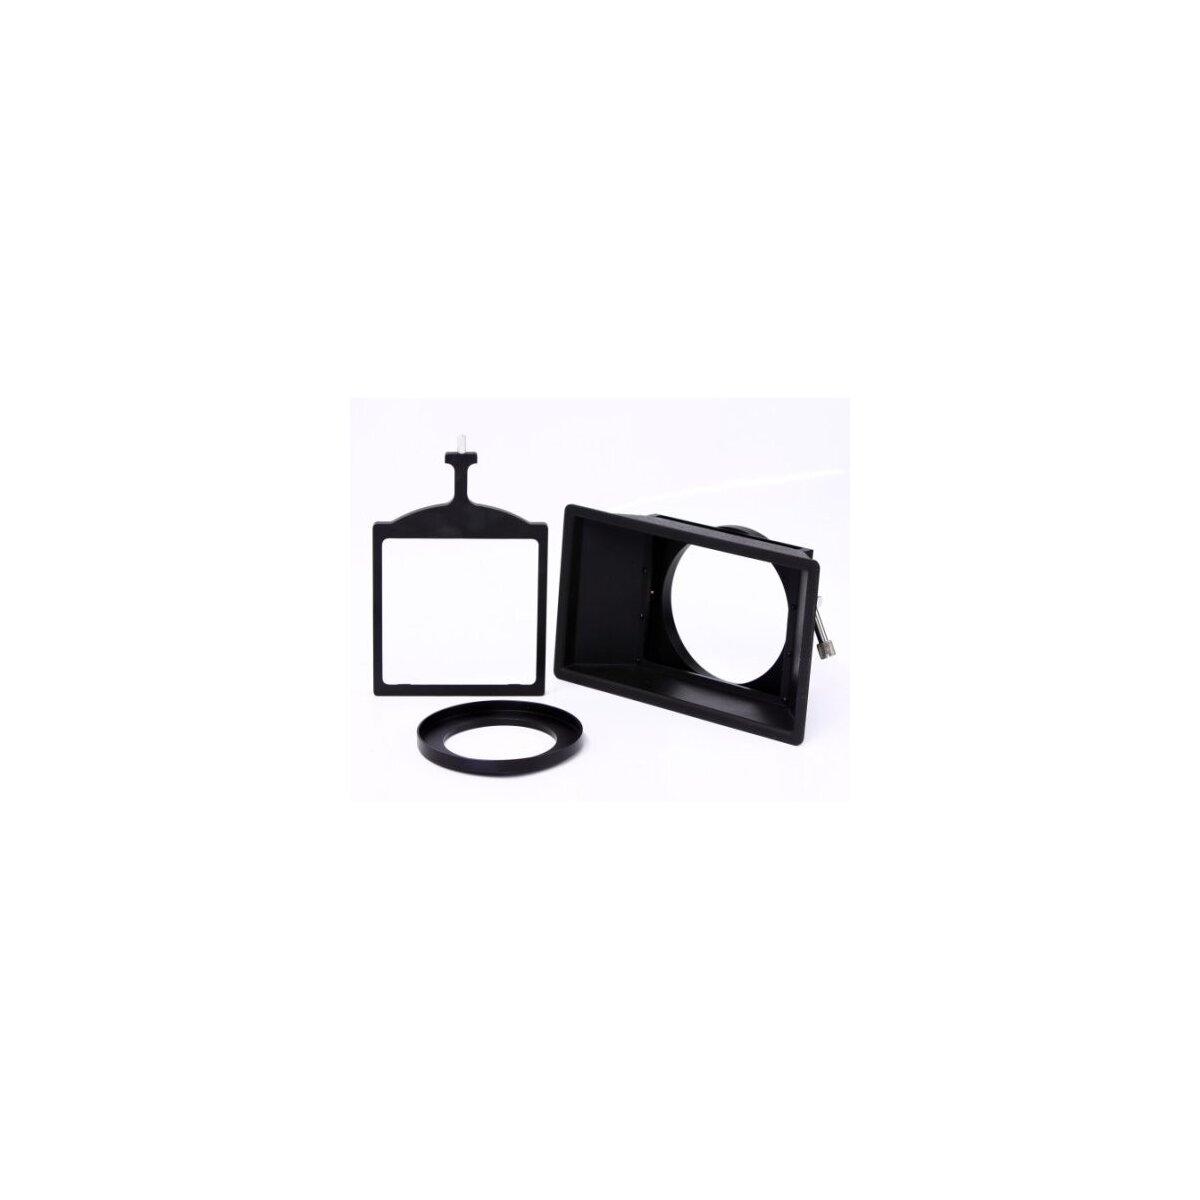 Kompendium, Mattebox mit 4x4 Filtereinschub 100mm Außendurchmesser